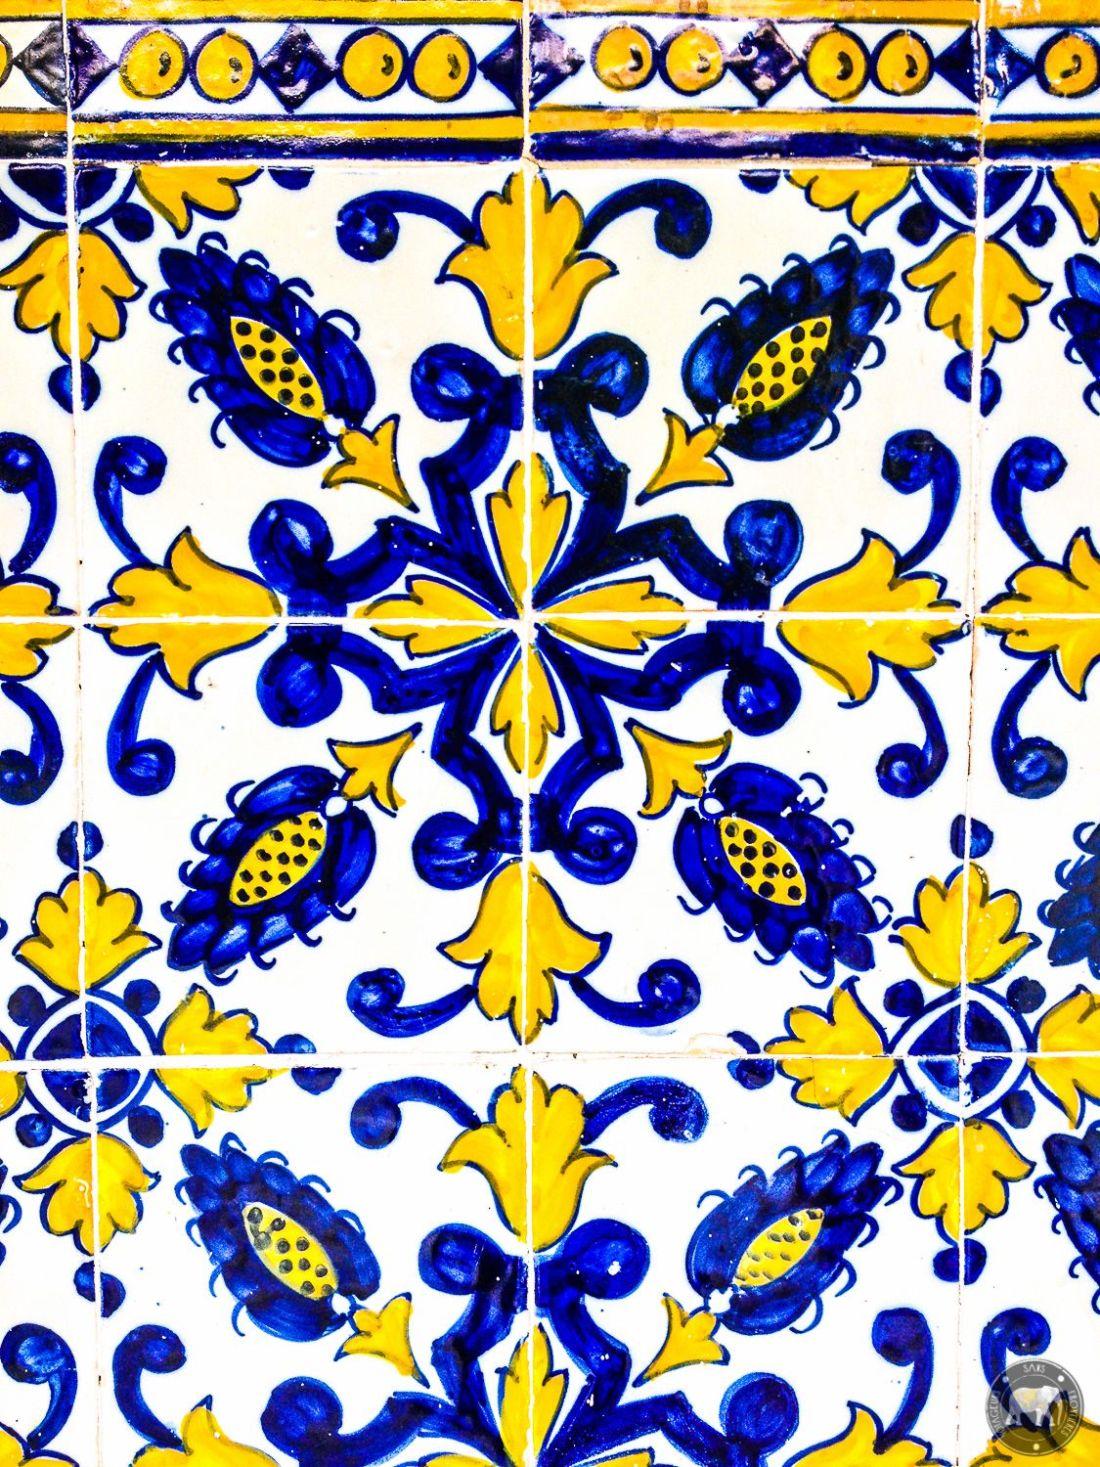 Azulejos - Coimbra, Portugal